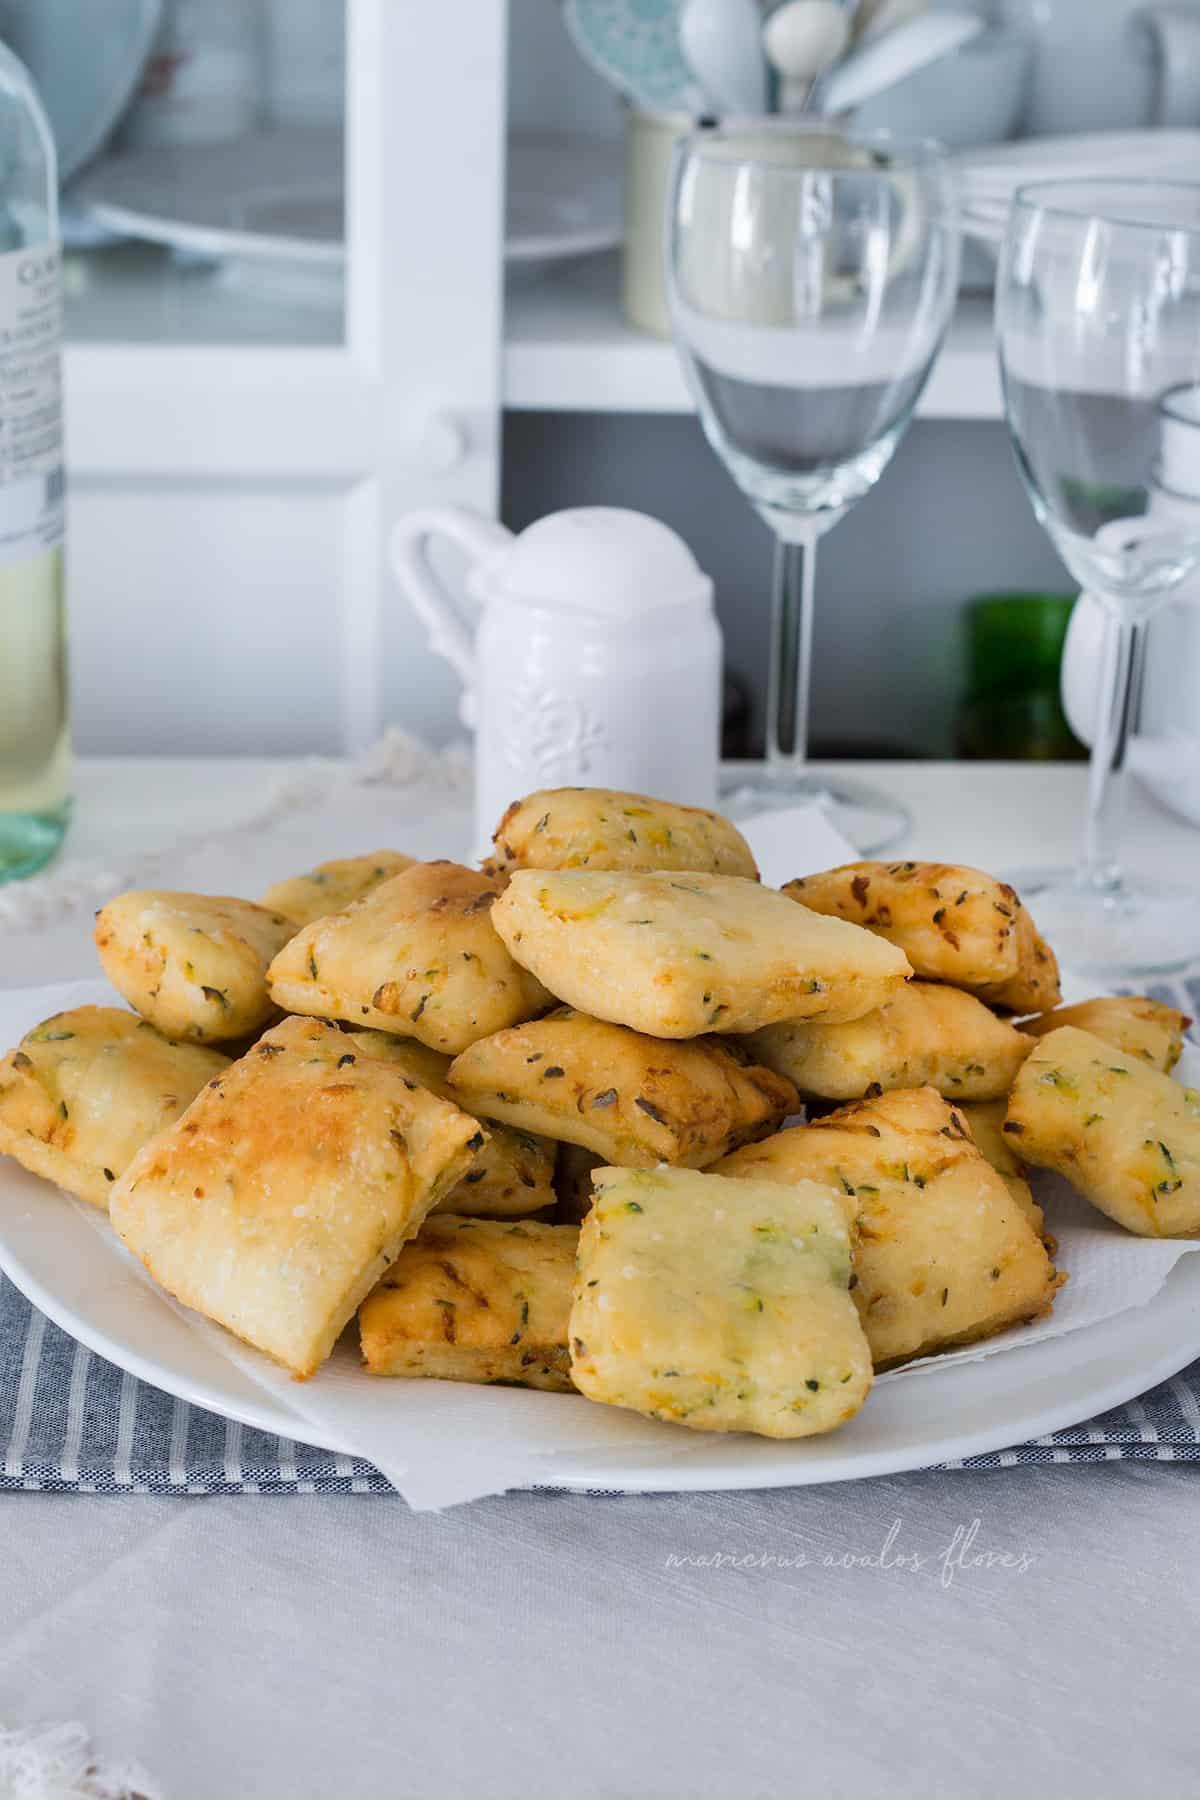 Zeppole receta italiana